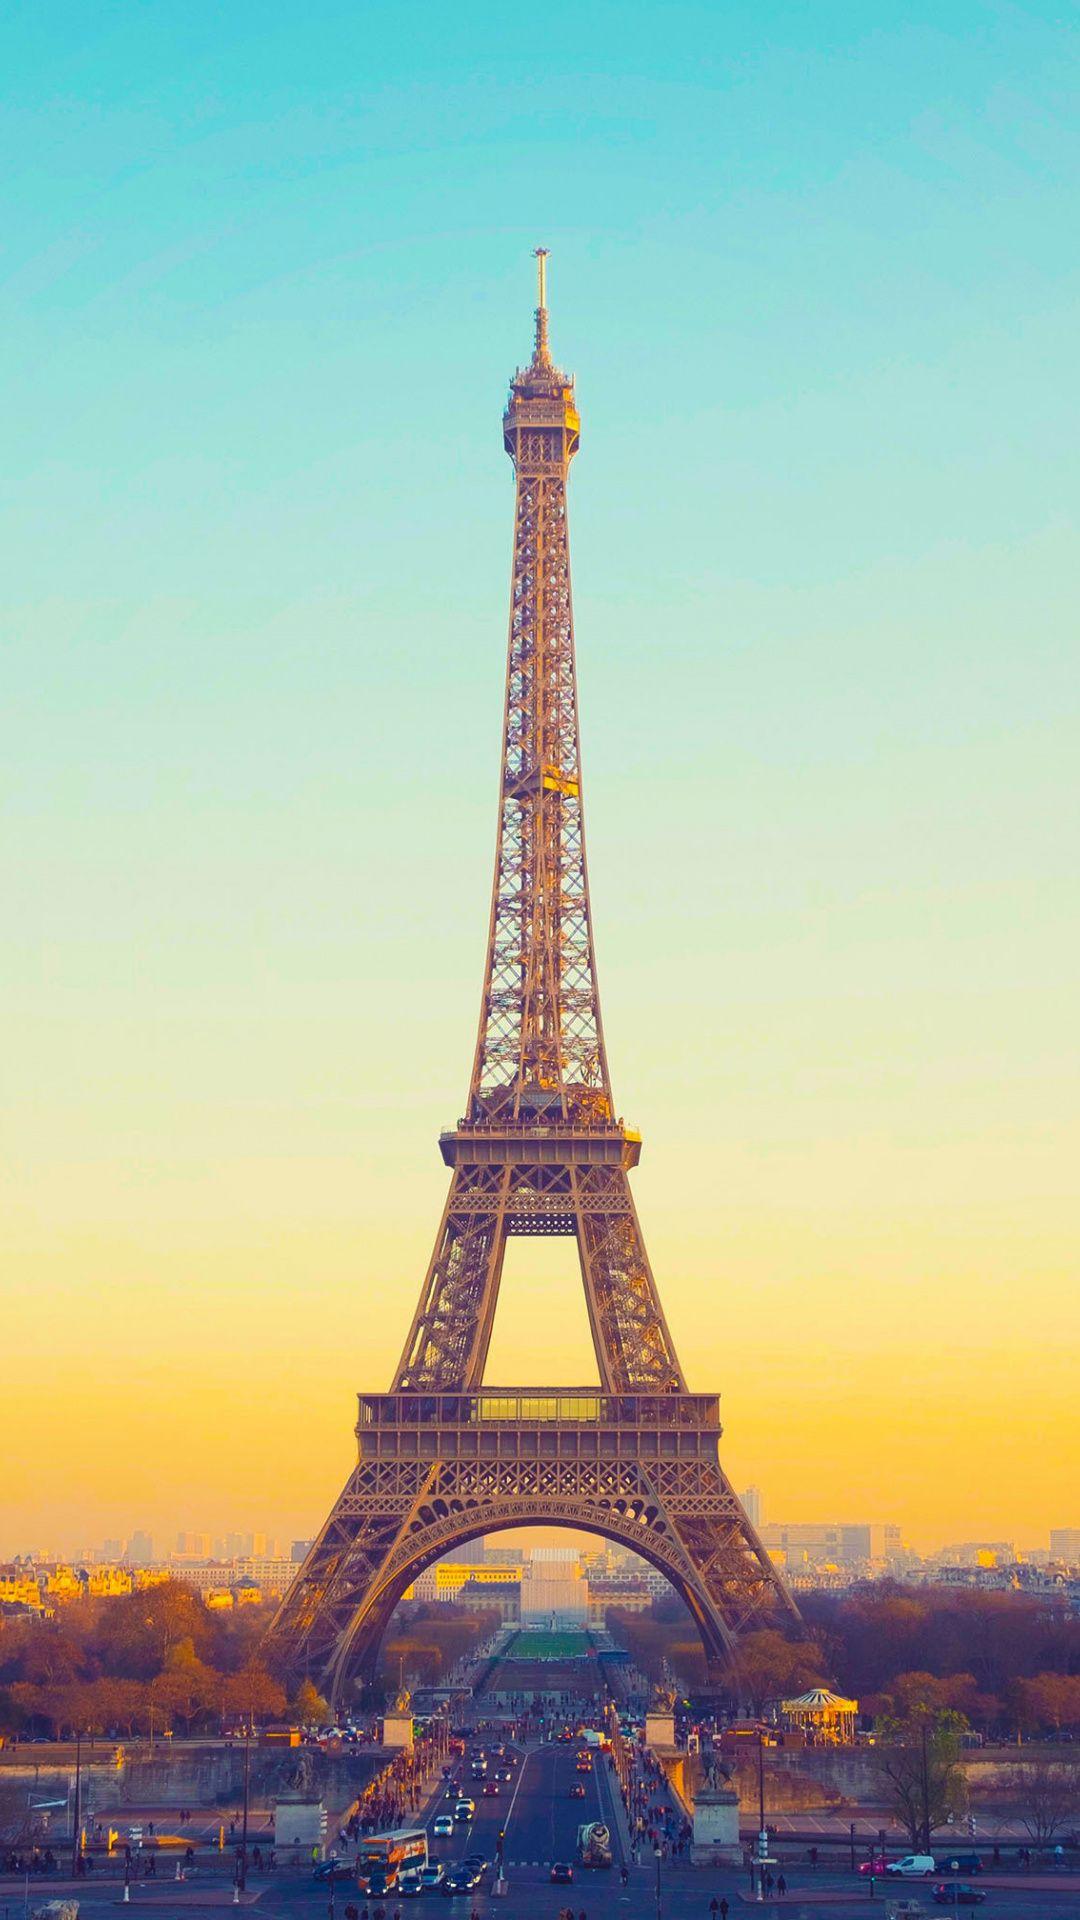 Architecture Eiffel Tower Paris Cityspace 1080x1920 Wallpaper Paris Photography Eiffel Tower Eiffel Tower Photography Eiffel Tower